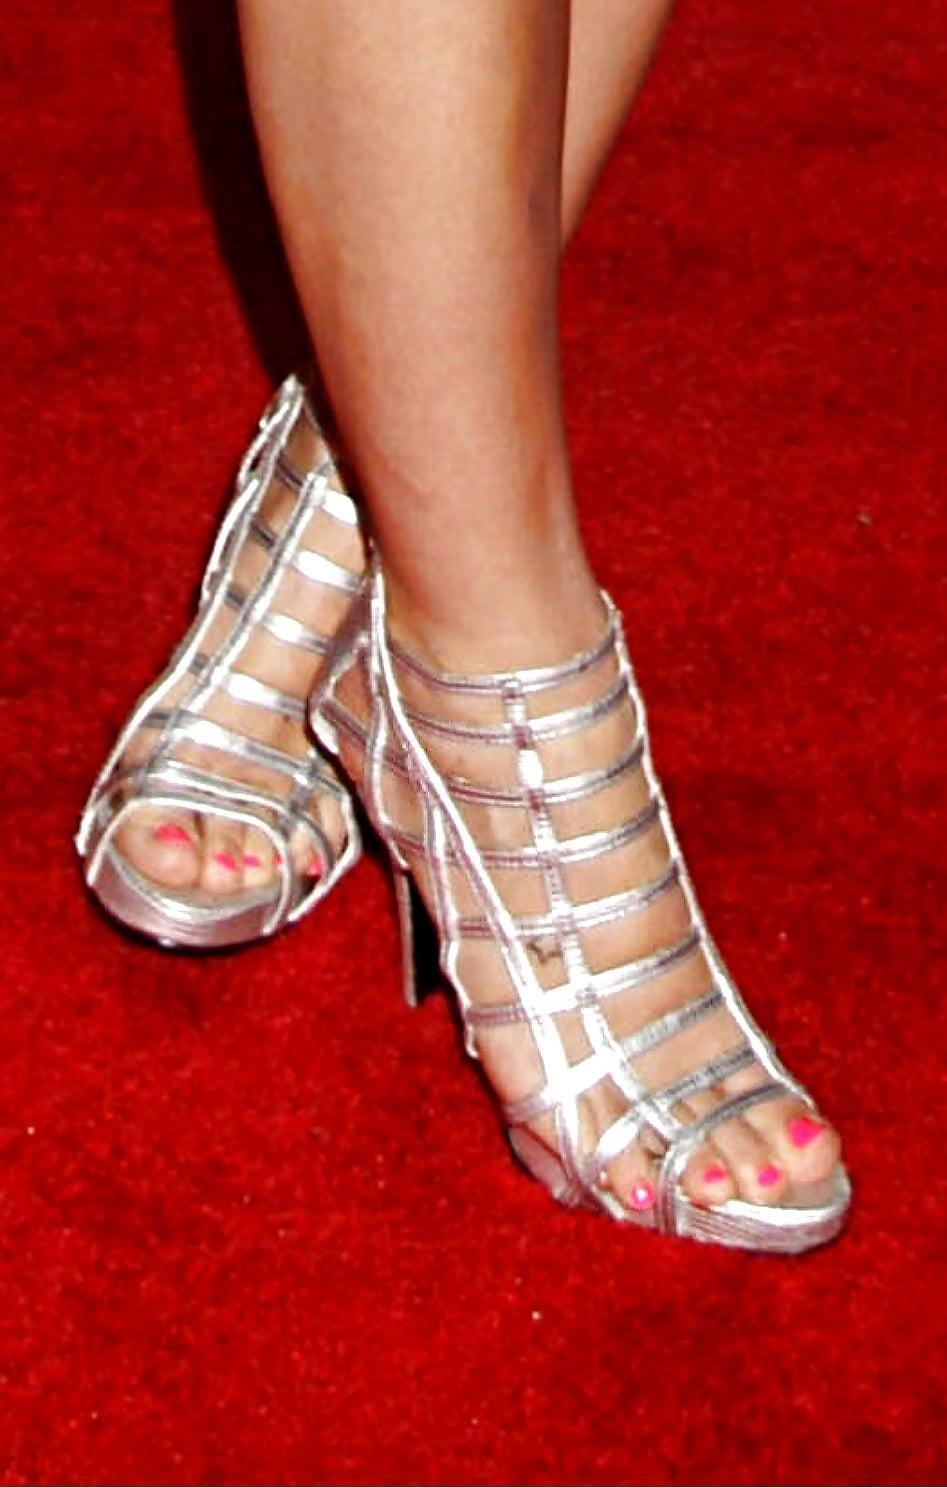 Mistress jolene feet-3084